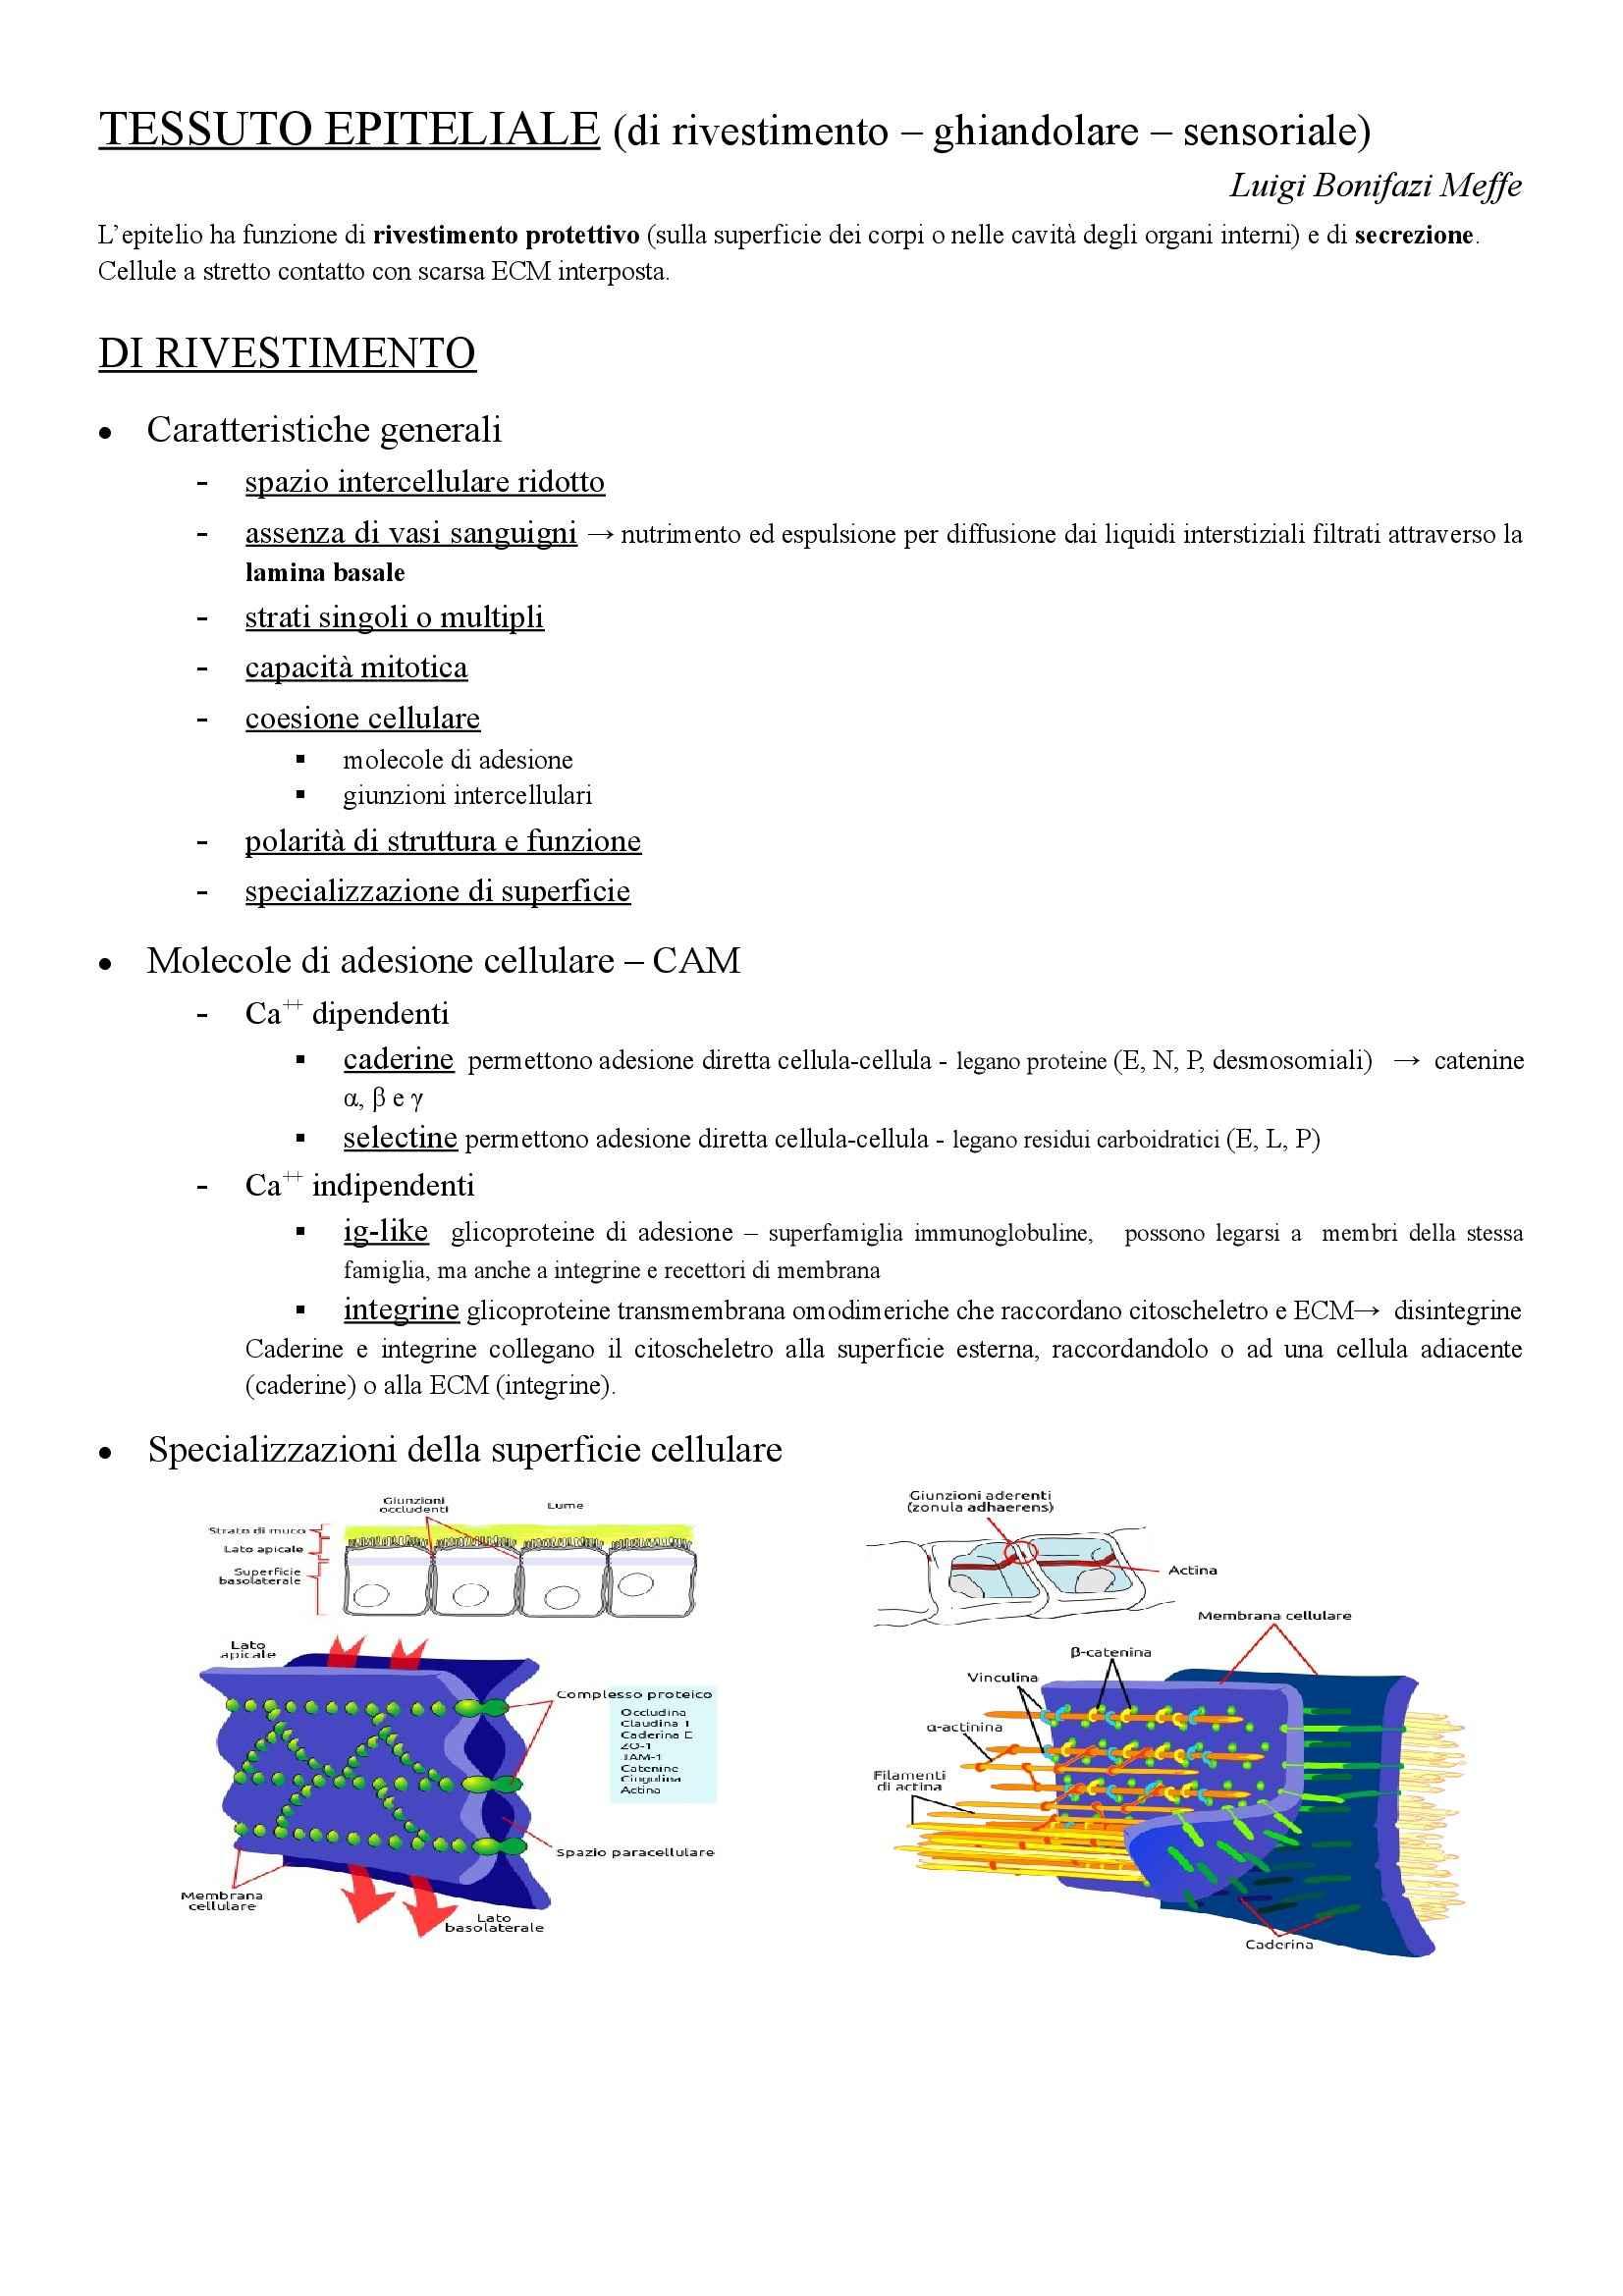 Istologia - tessuto epiteliale